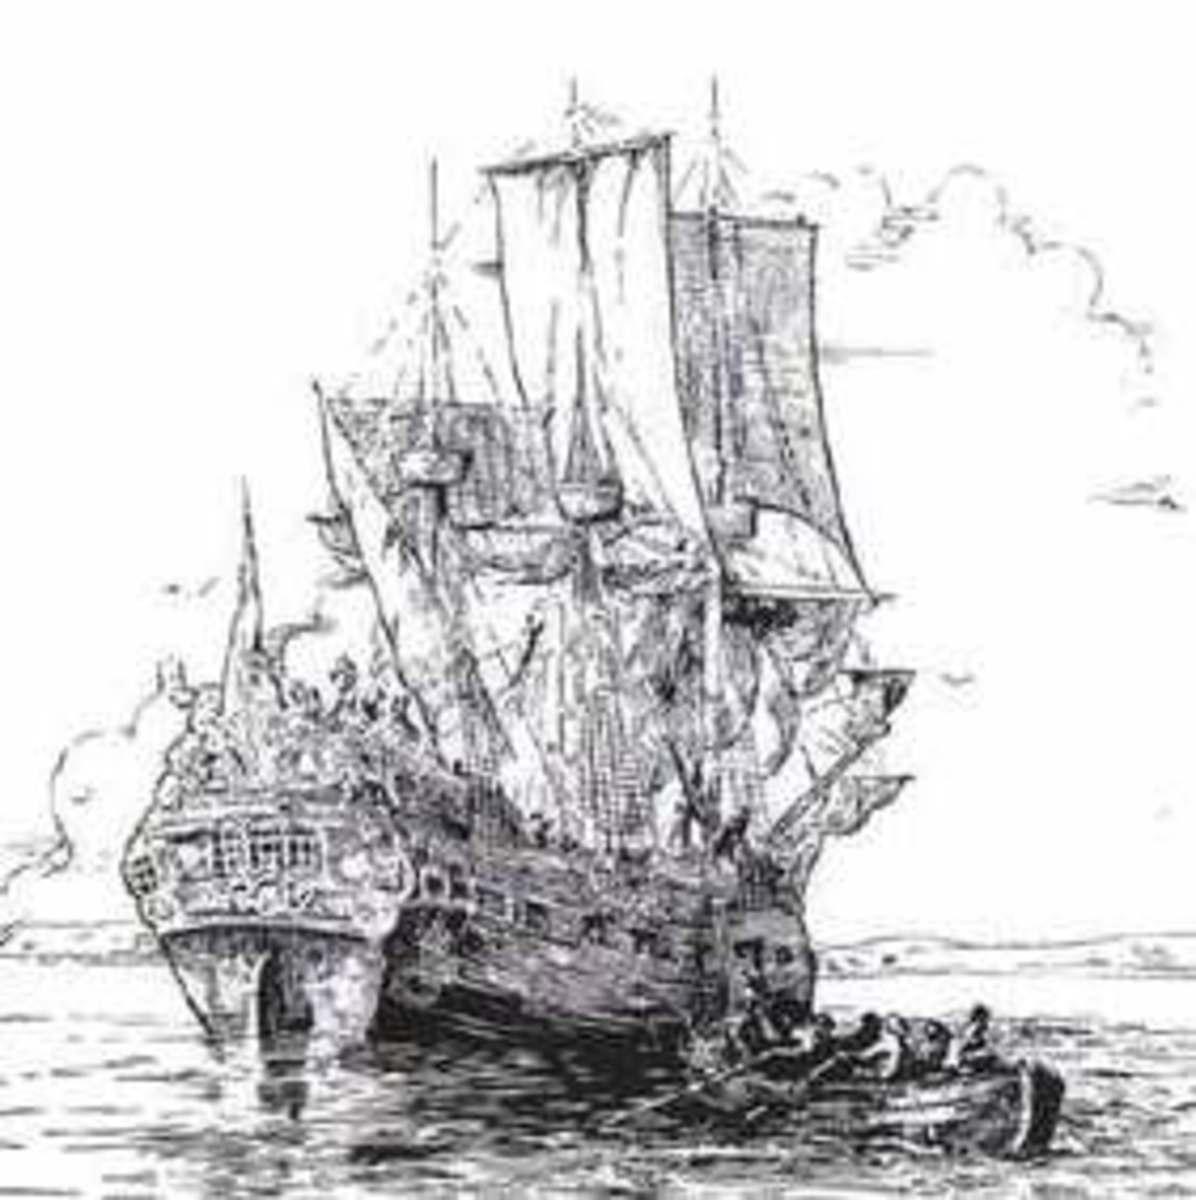 HMS Roebuck